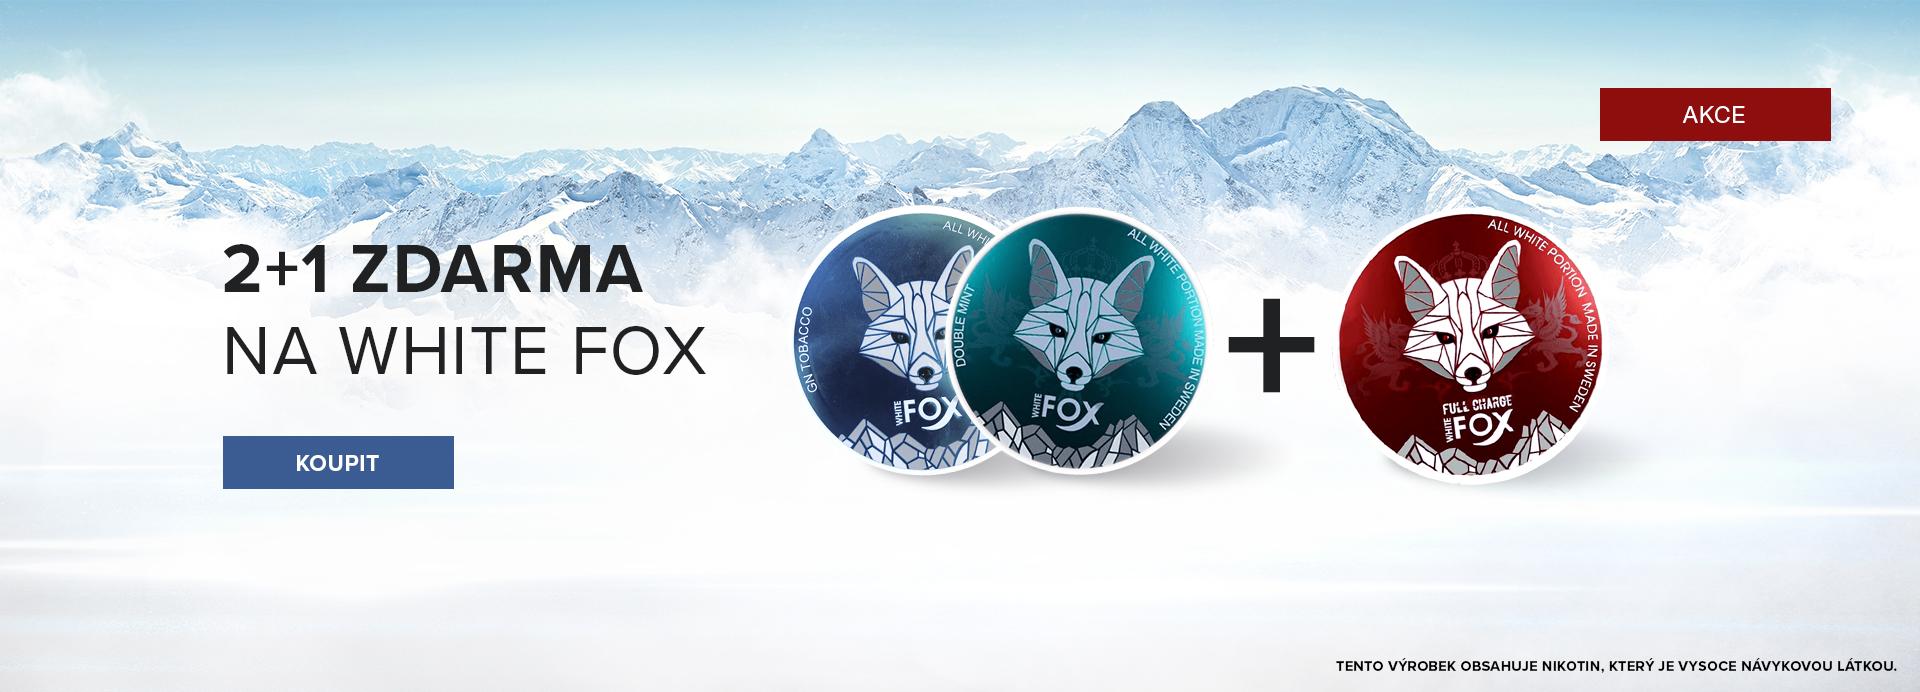 WHITE FOX 2+1 zdarma